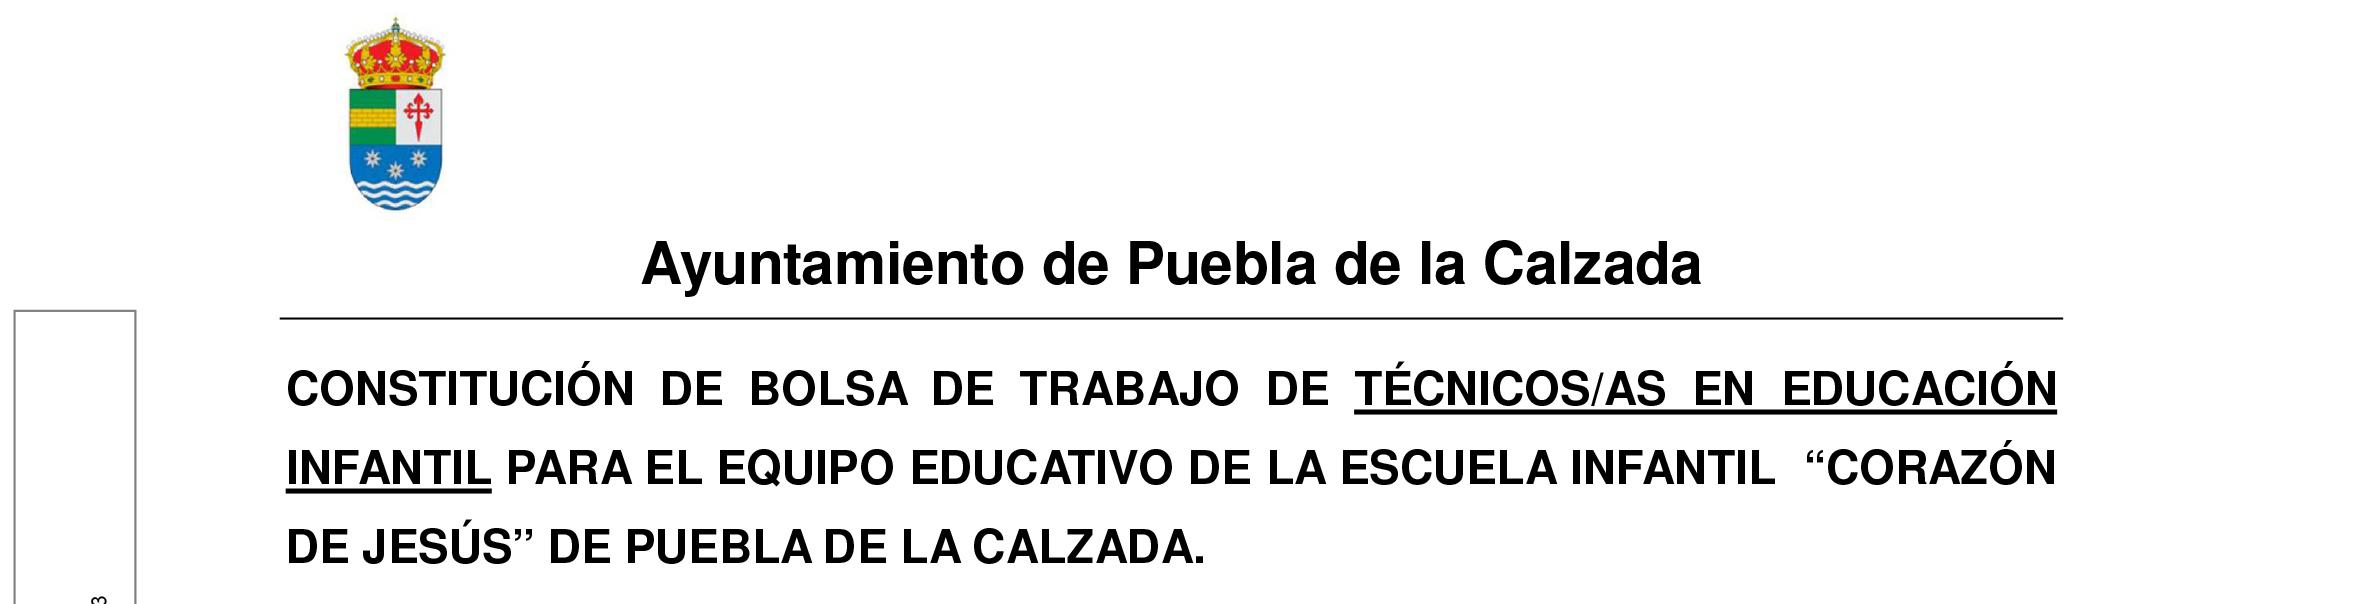 BOLSA DE TRABAJO PARA LA SUSTITUCIÓN DEL EQUIPO EDUCATIVO DE LA ESCUELA INFANTIL 'CORAZÓN DE JESÚS'